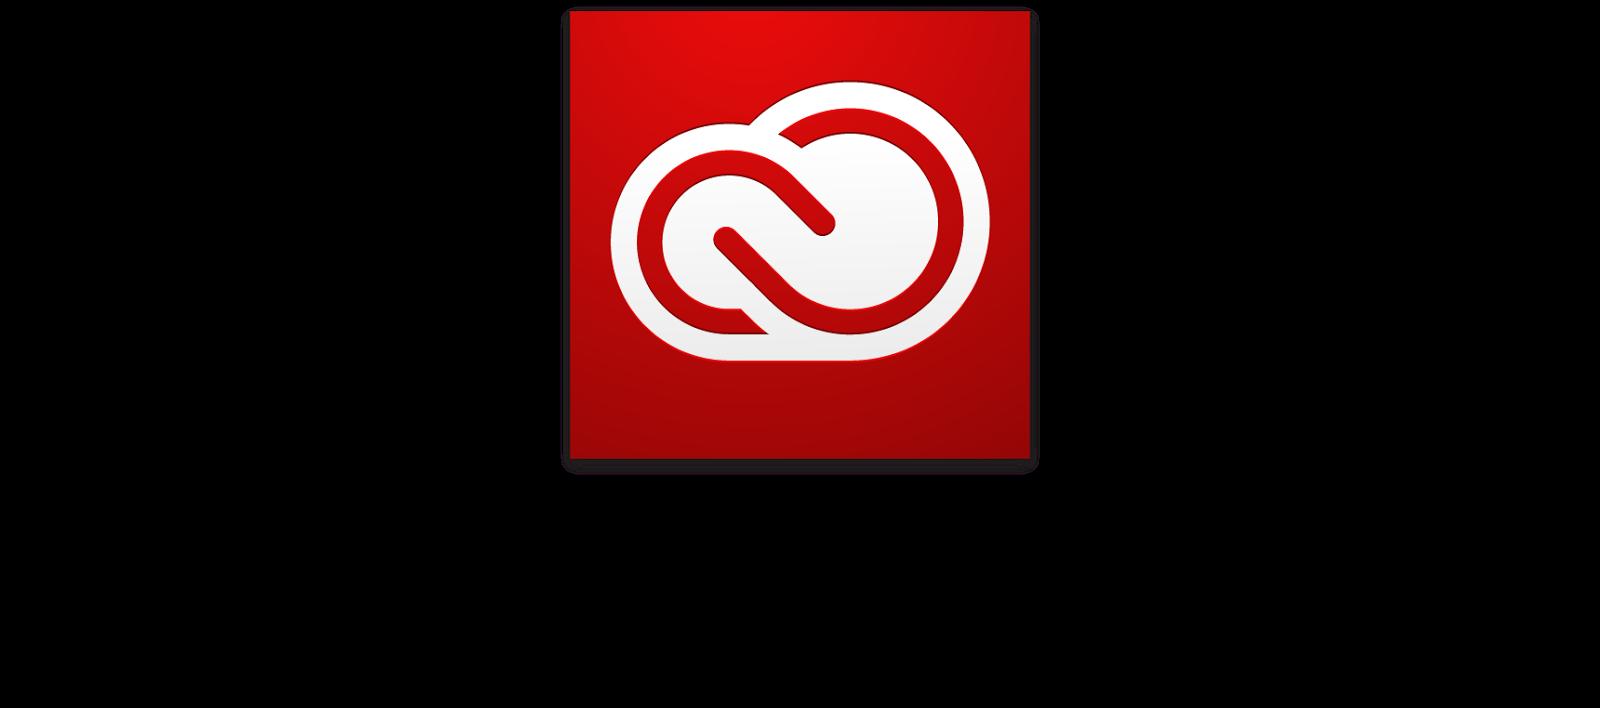 Adobe CC Universal Patcher 2014 - www.sathsayura.com